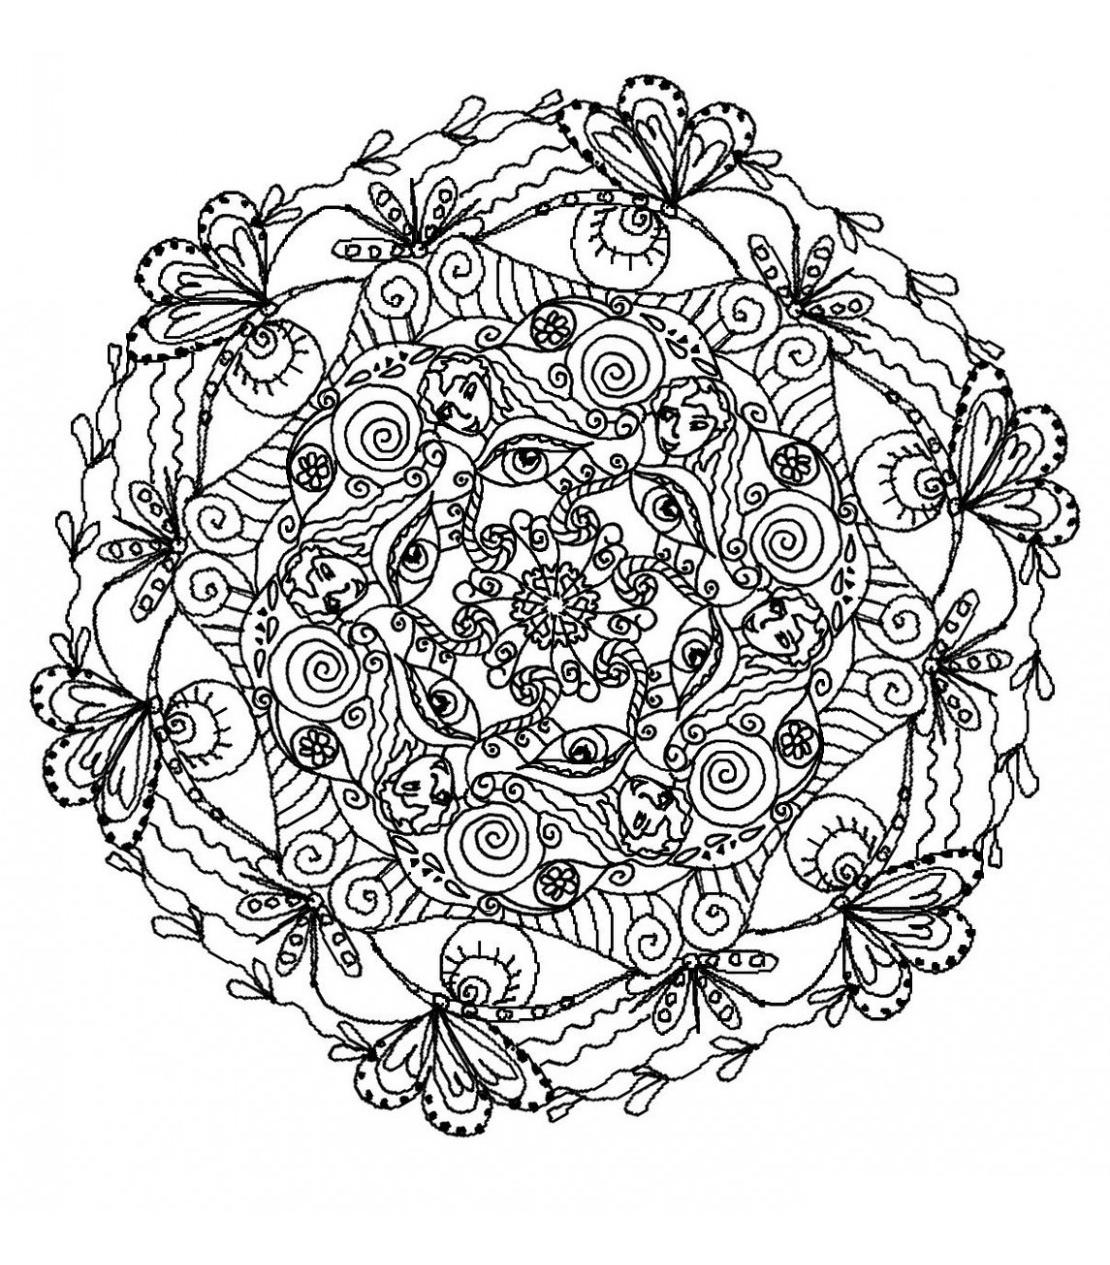 Mandala 5 - Mandalas - Coloriages Difficiles Pour Adultes serapportantà Coloriage De Mandala Difficile A Imprimer